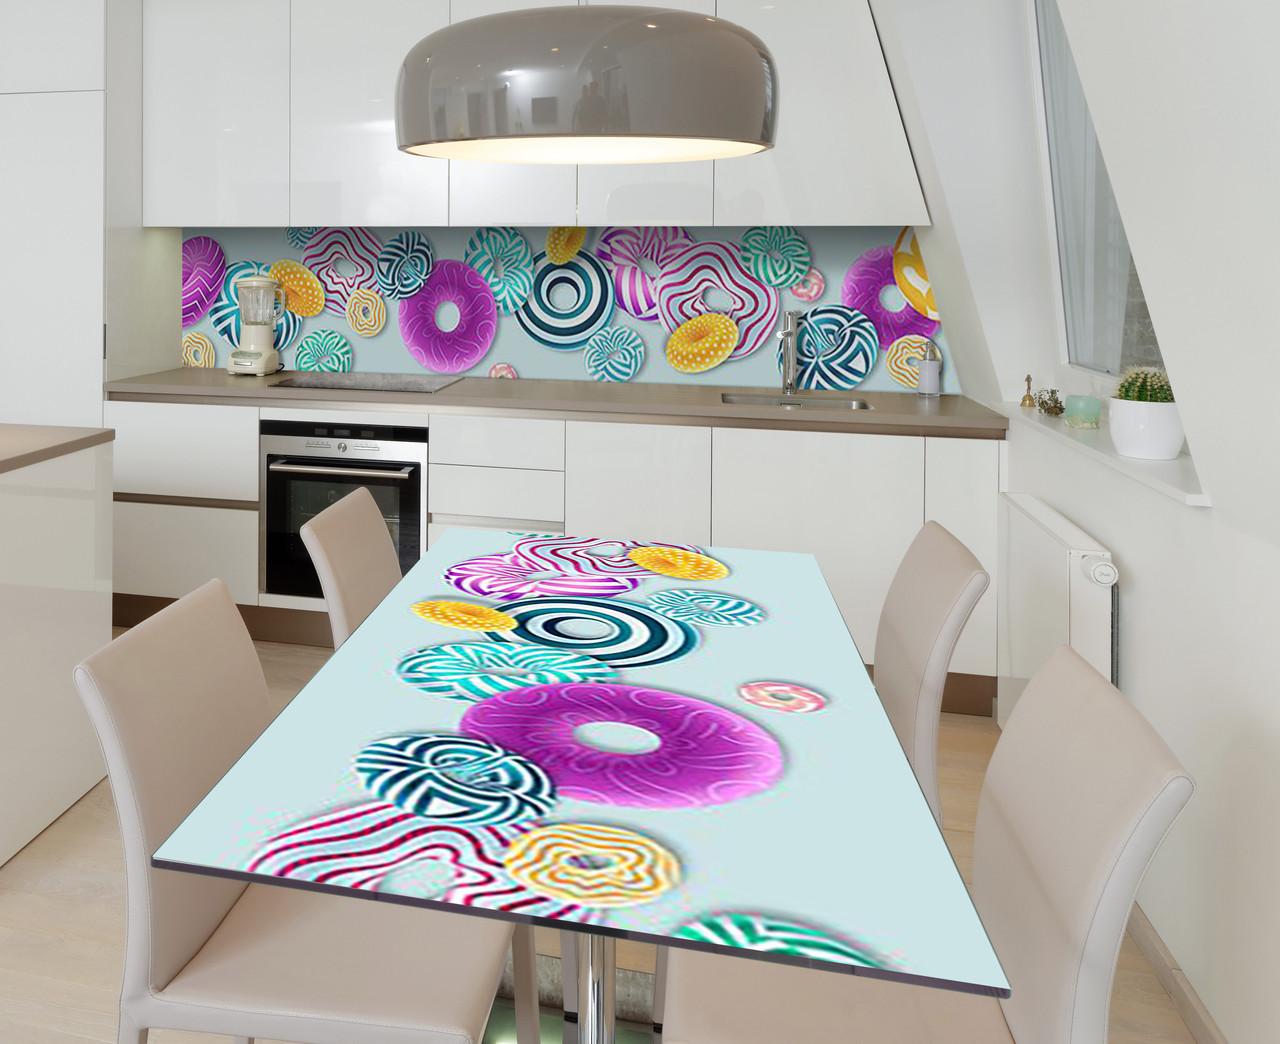 Виниловая наклейка на стол Яркие пончики сферы самоклейка пленка ПВХ 600х1200мм Еда Голубой